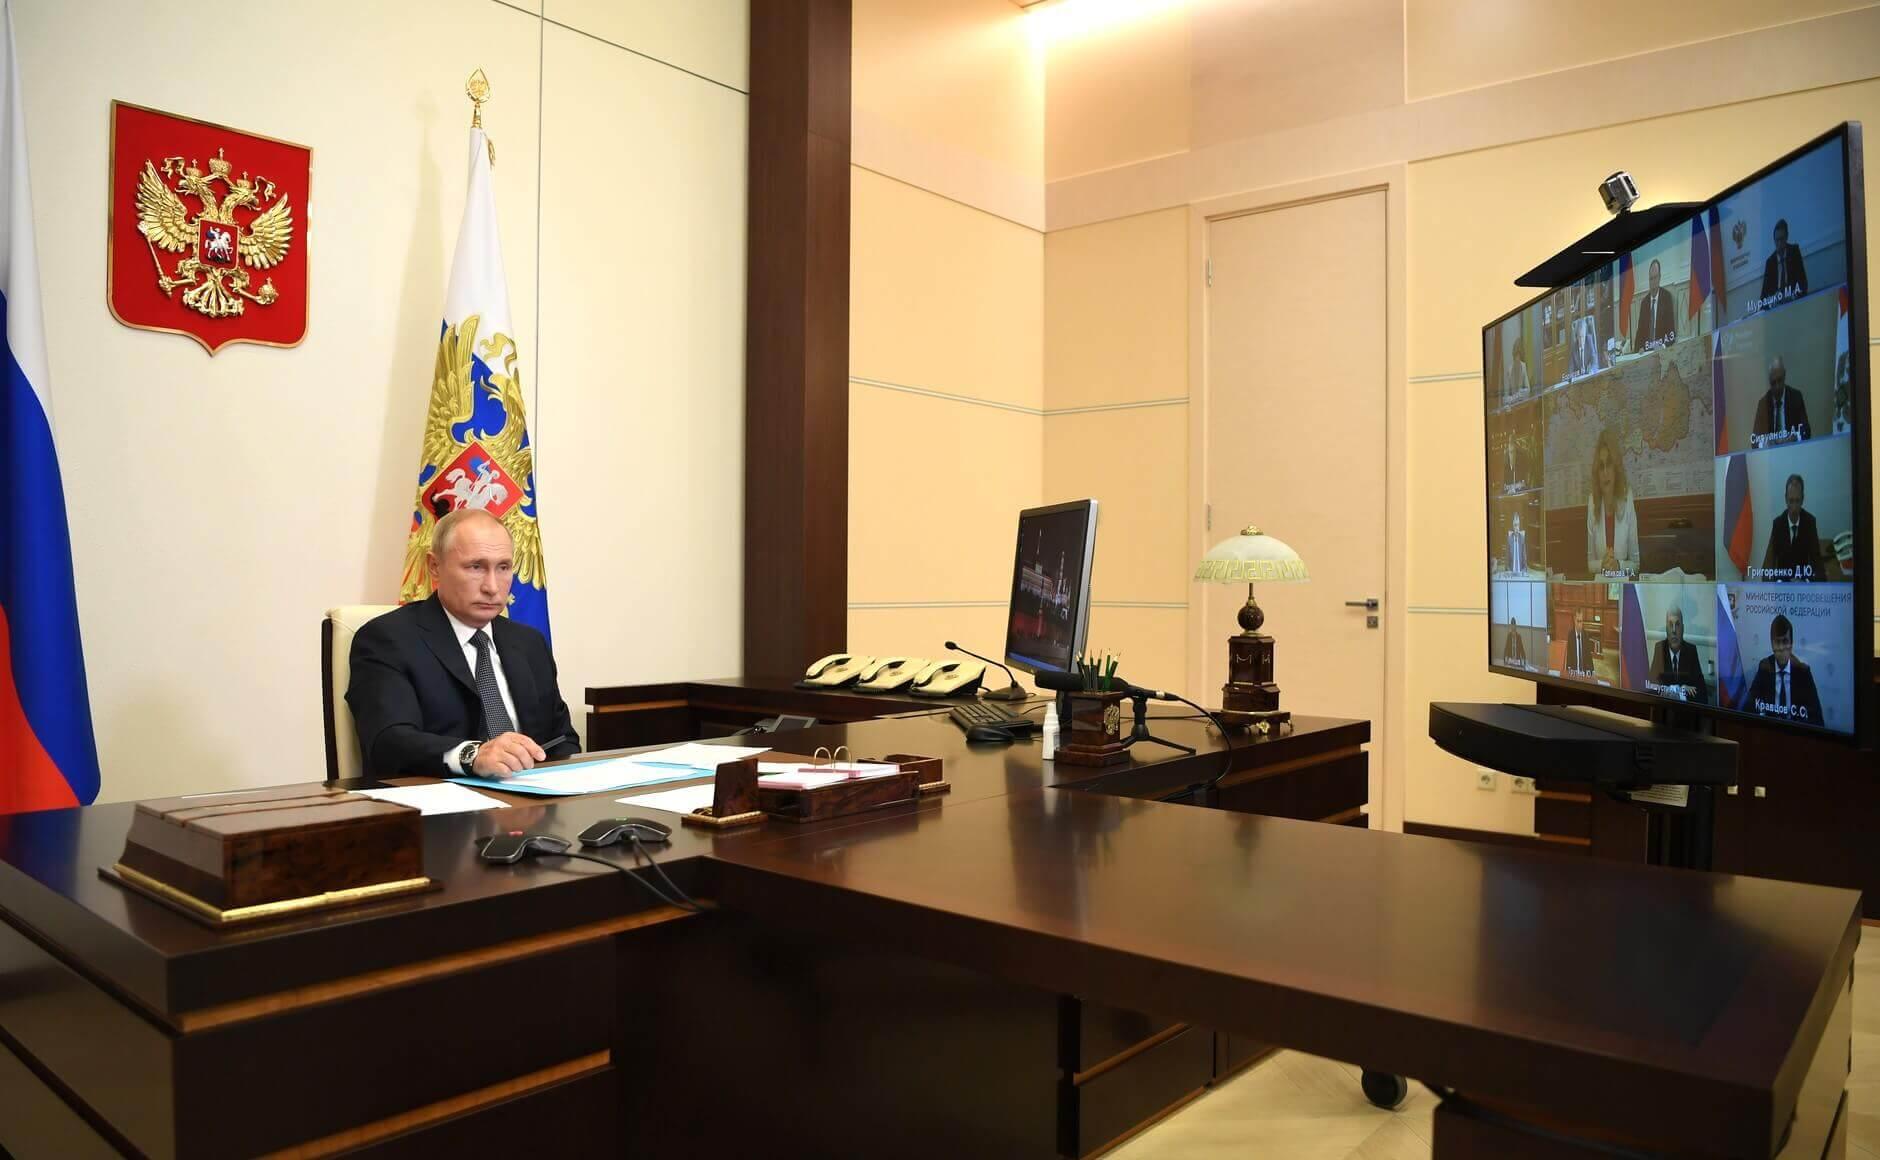 Le président russe Vladimir Poutine lors d'une réunion avec des membres du gouvernement. (Via: Photos publiques)